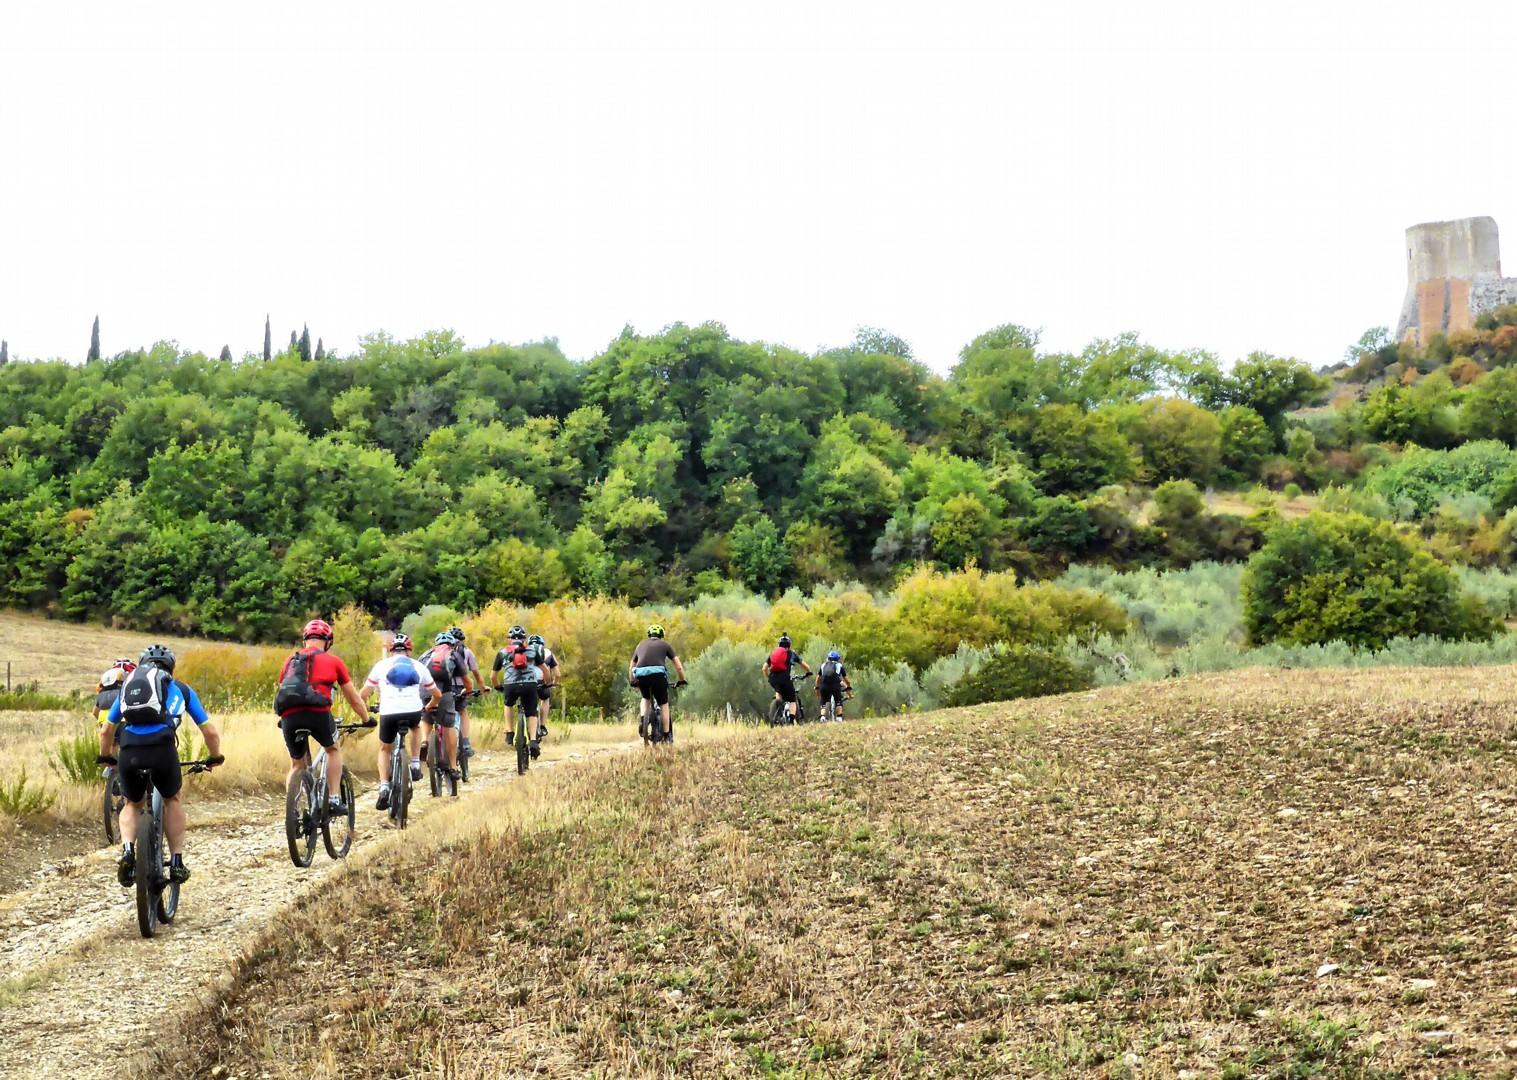 Foto 11-09-17, 12 17 15.jpg - Italy - Via Francigena (Tuscany to Rome) - Guided Mountain Biking Holiday - Italia Mountain Biking